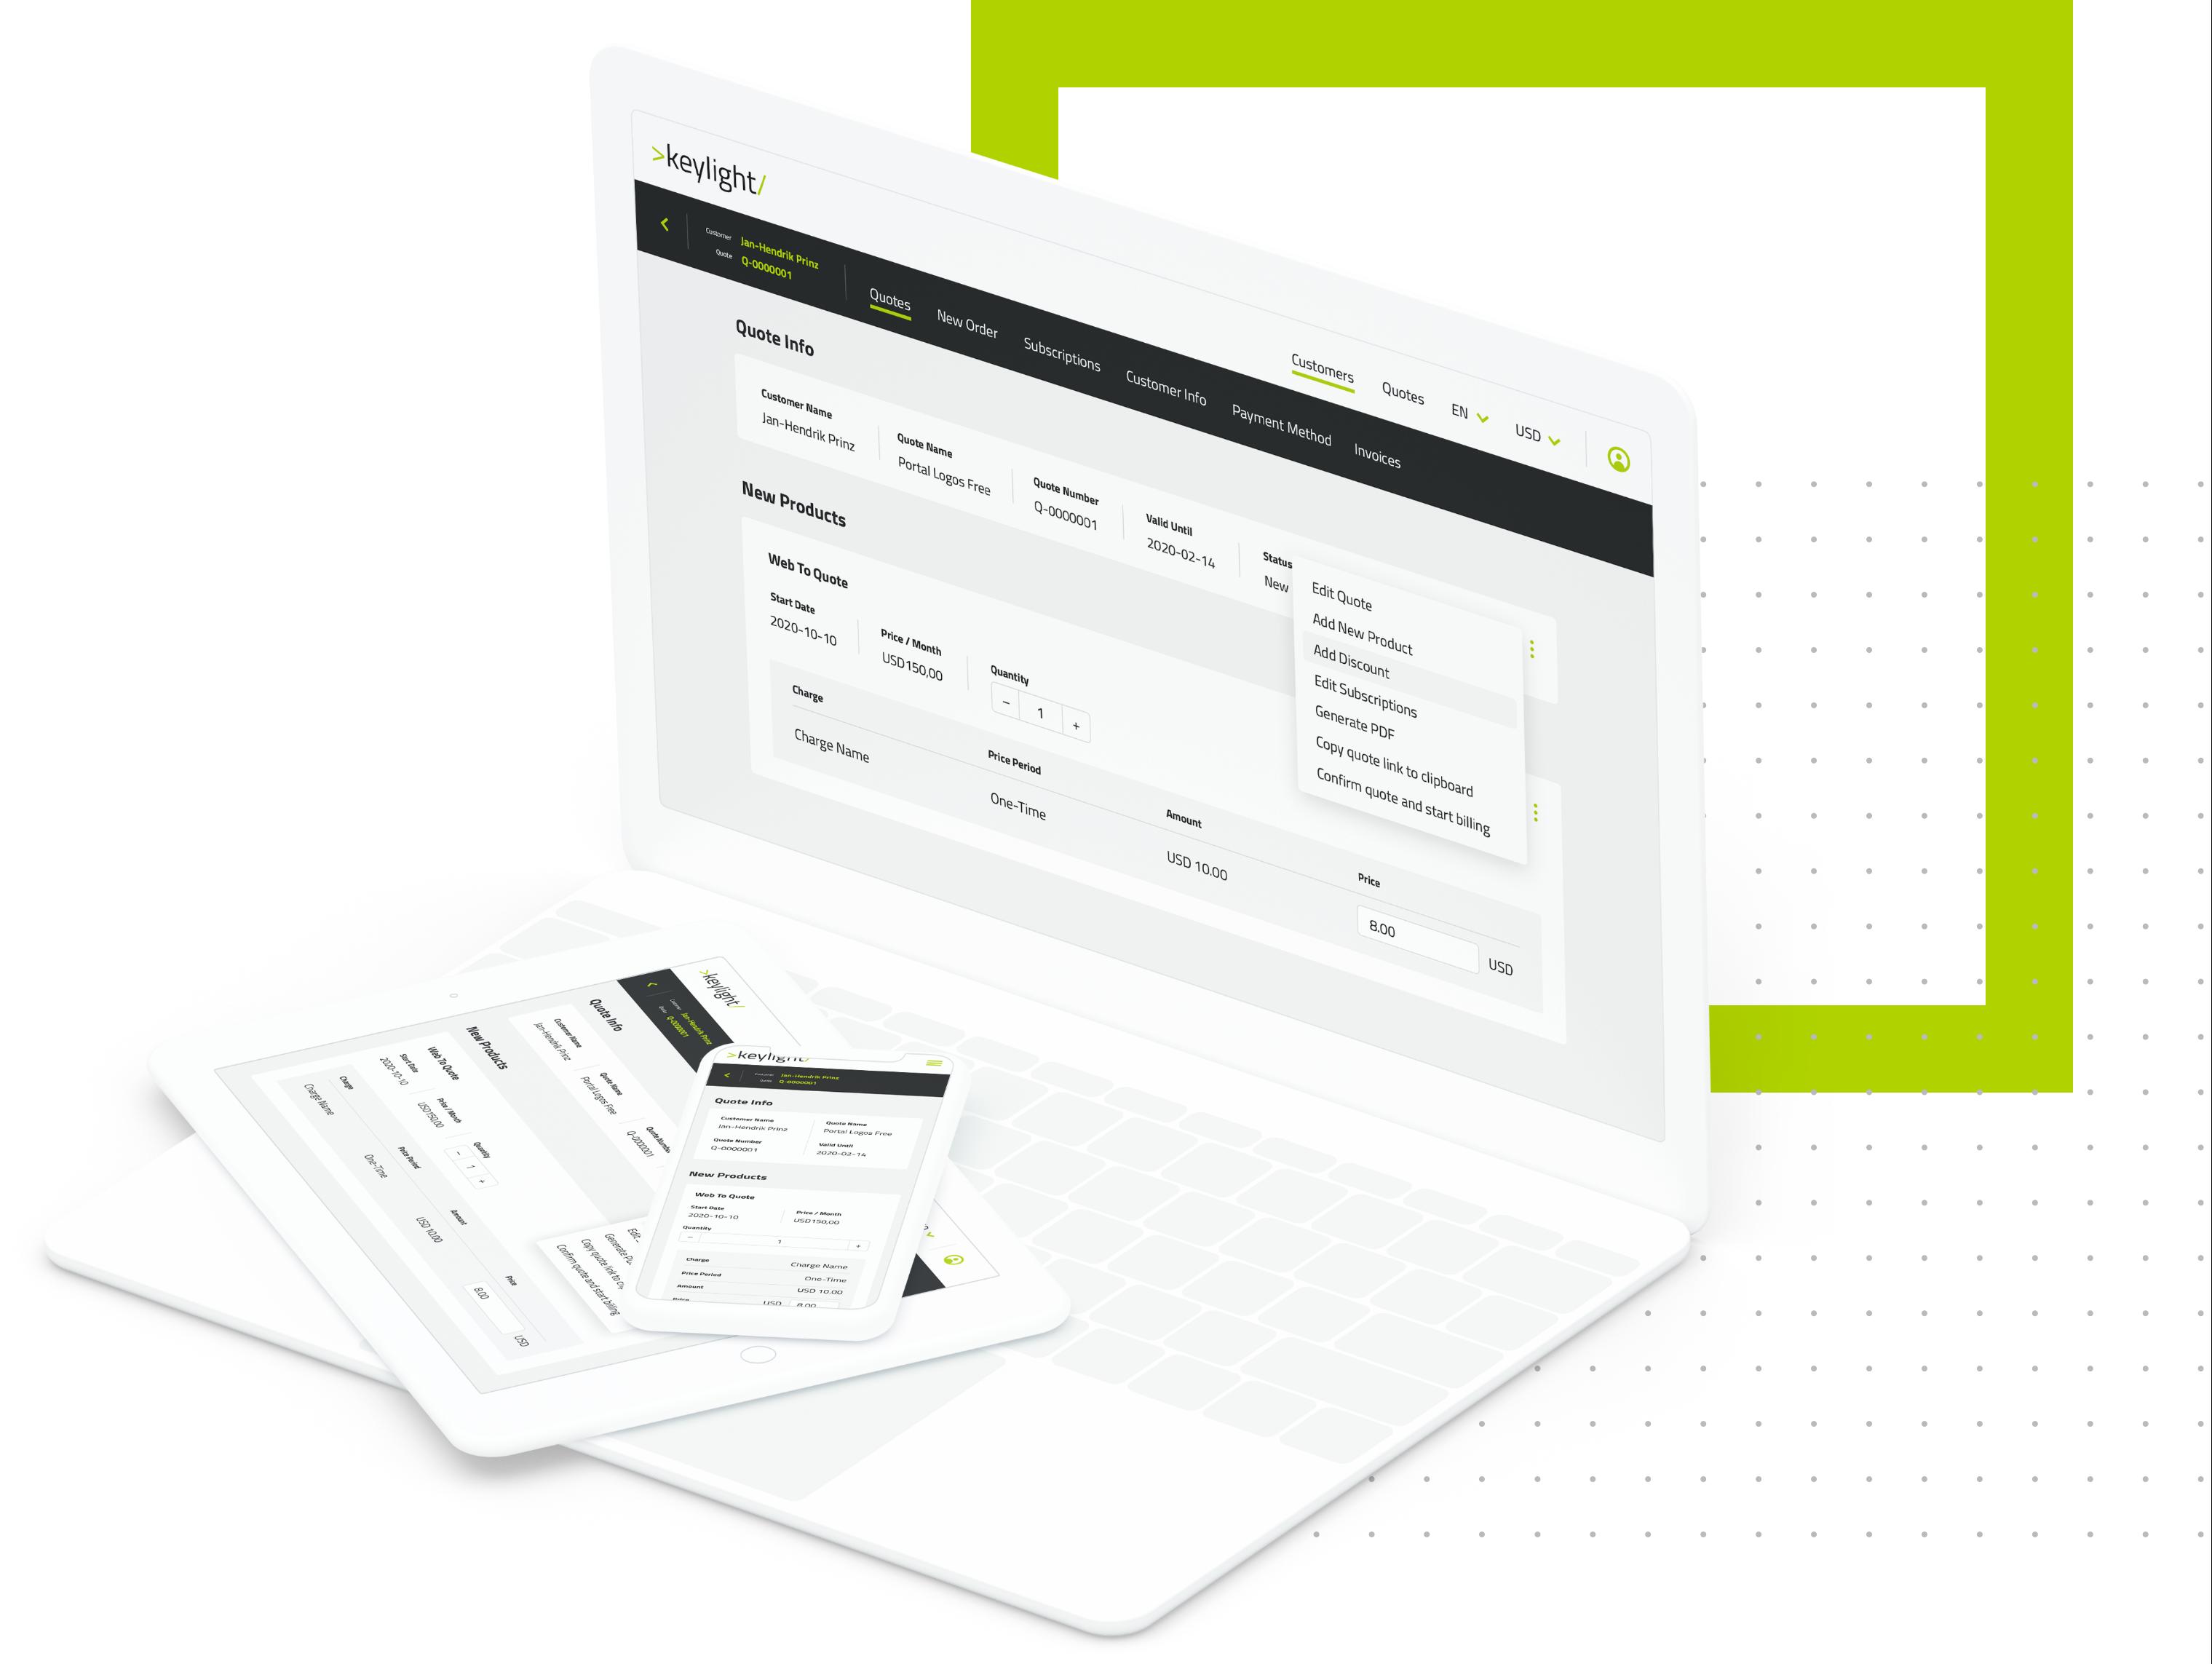 keylight Sales Channel